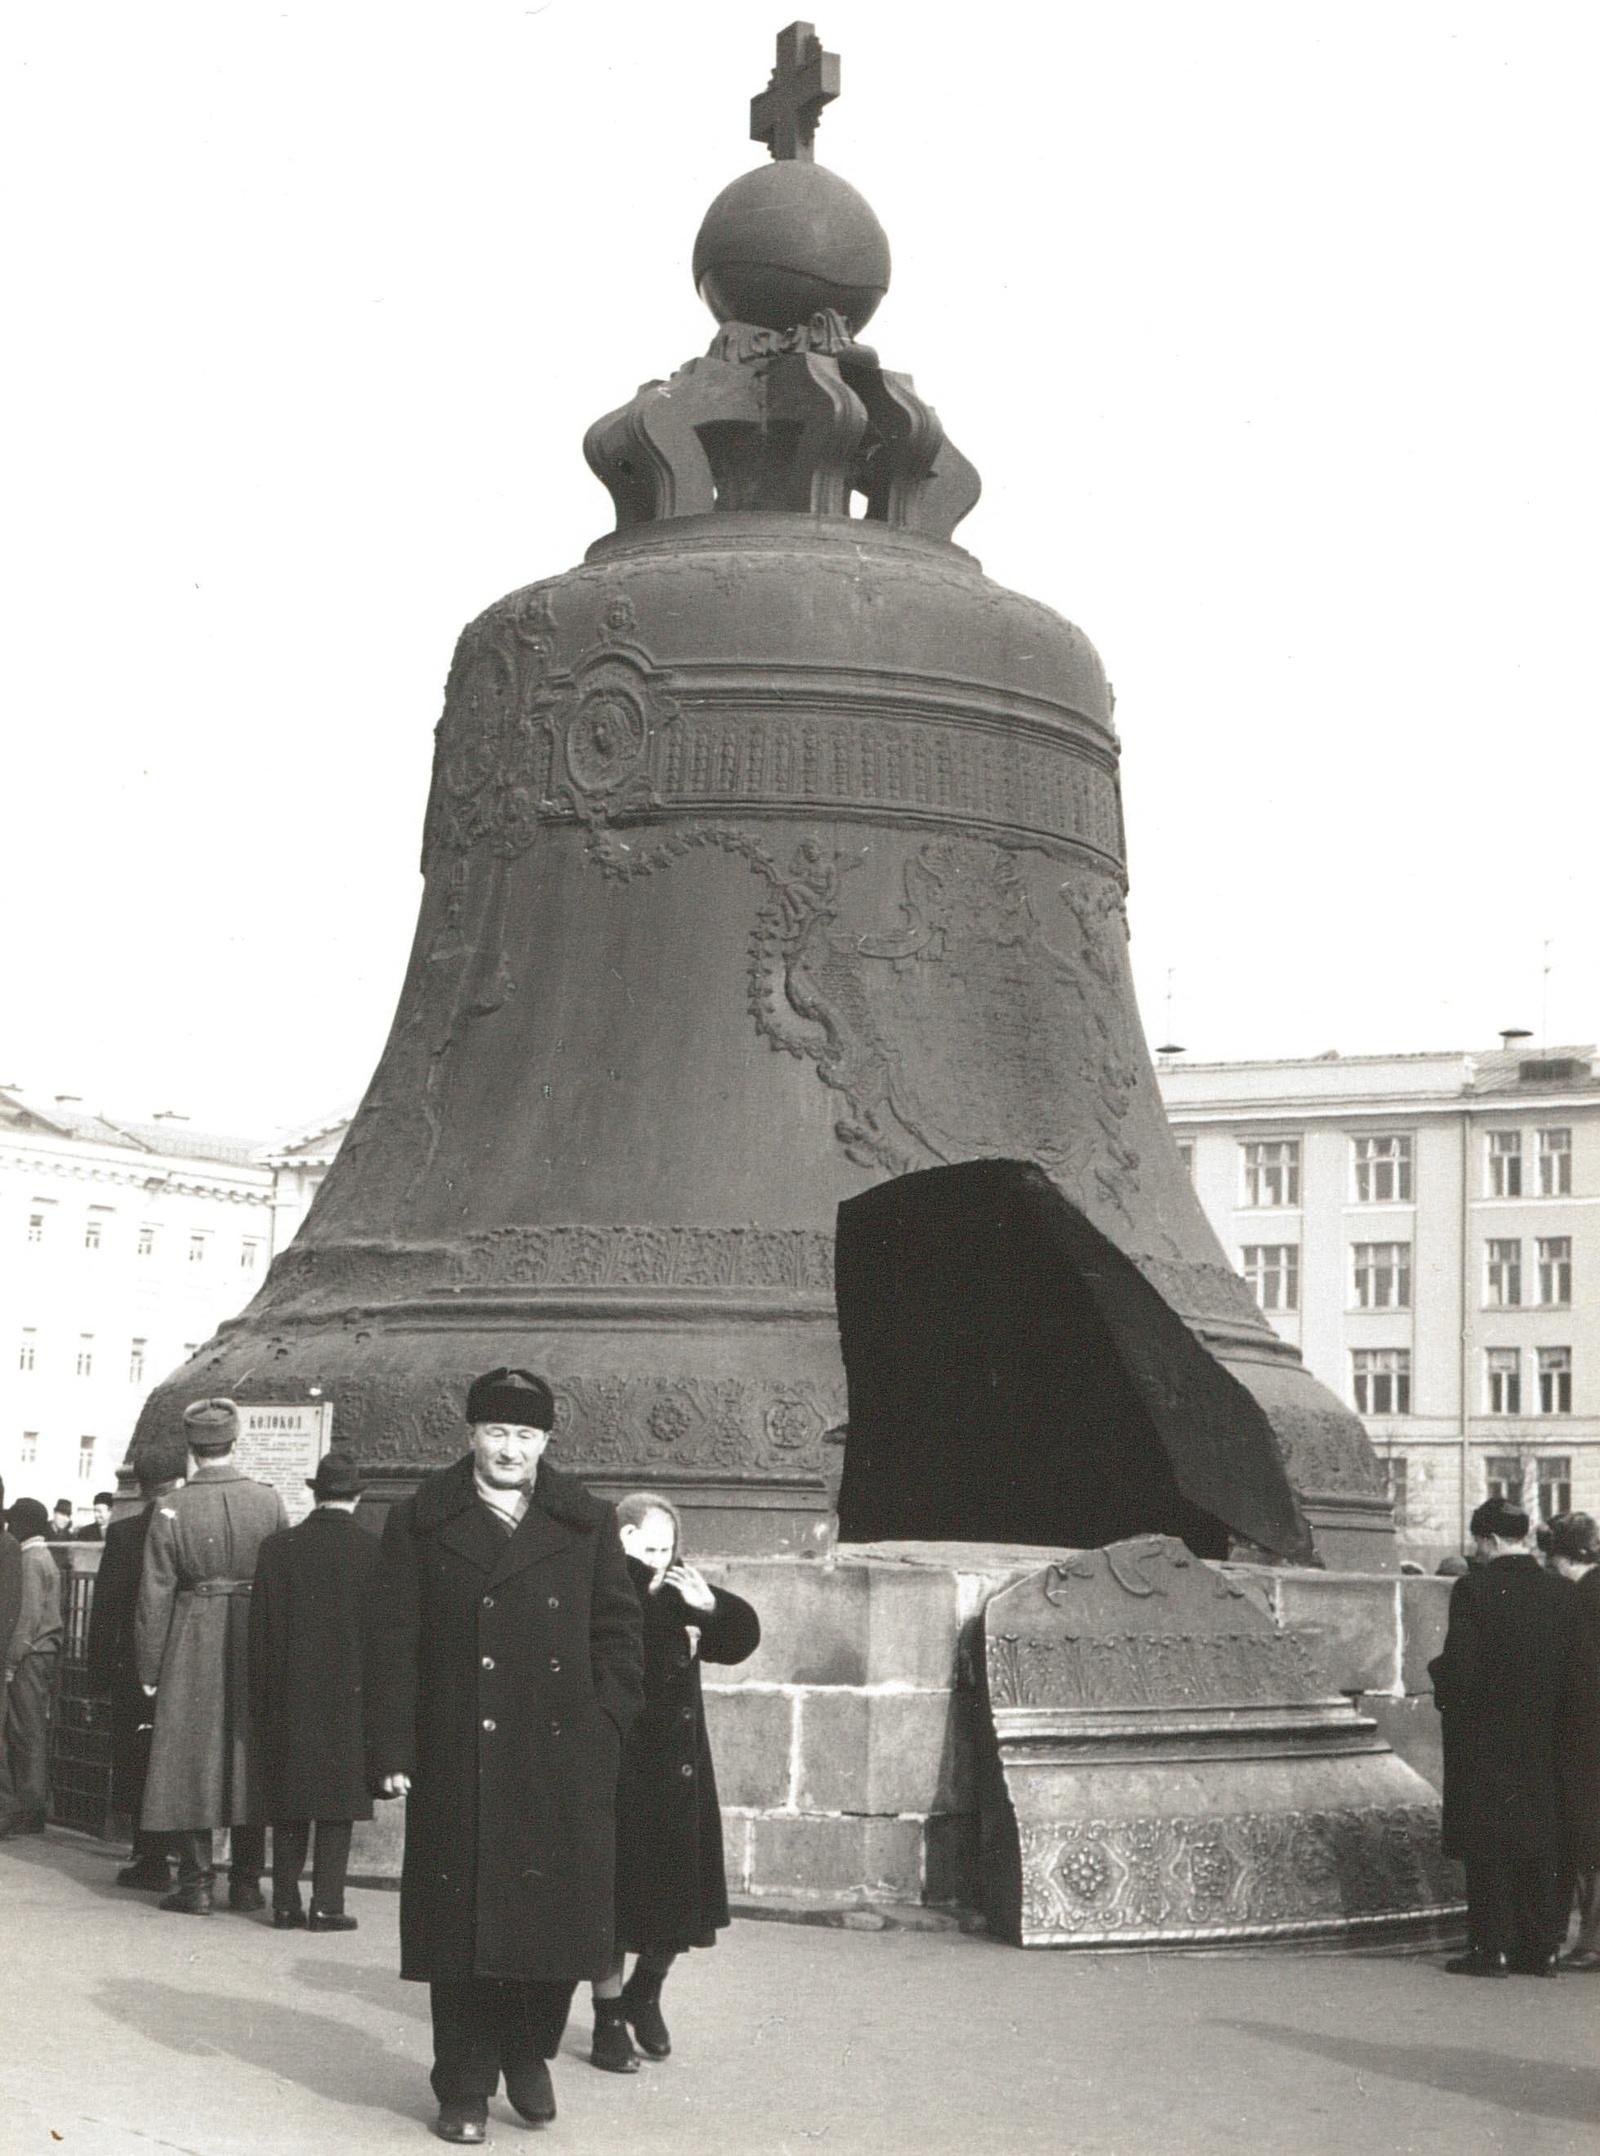 Москва. Кремль. Царь - колокол. 1967